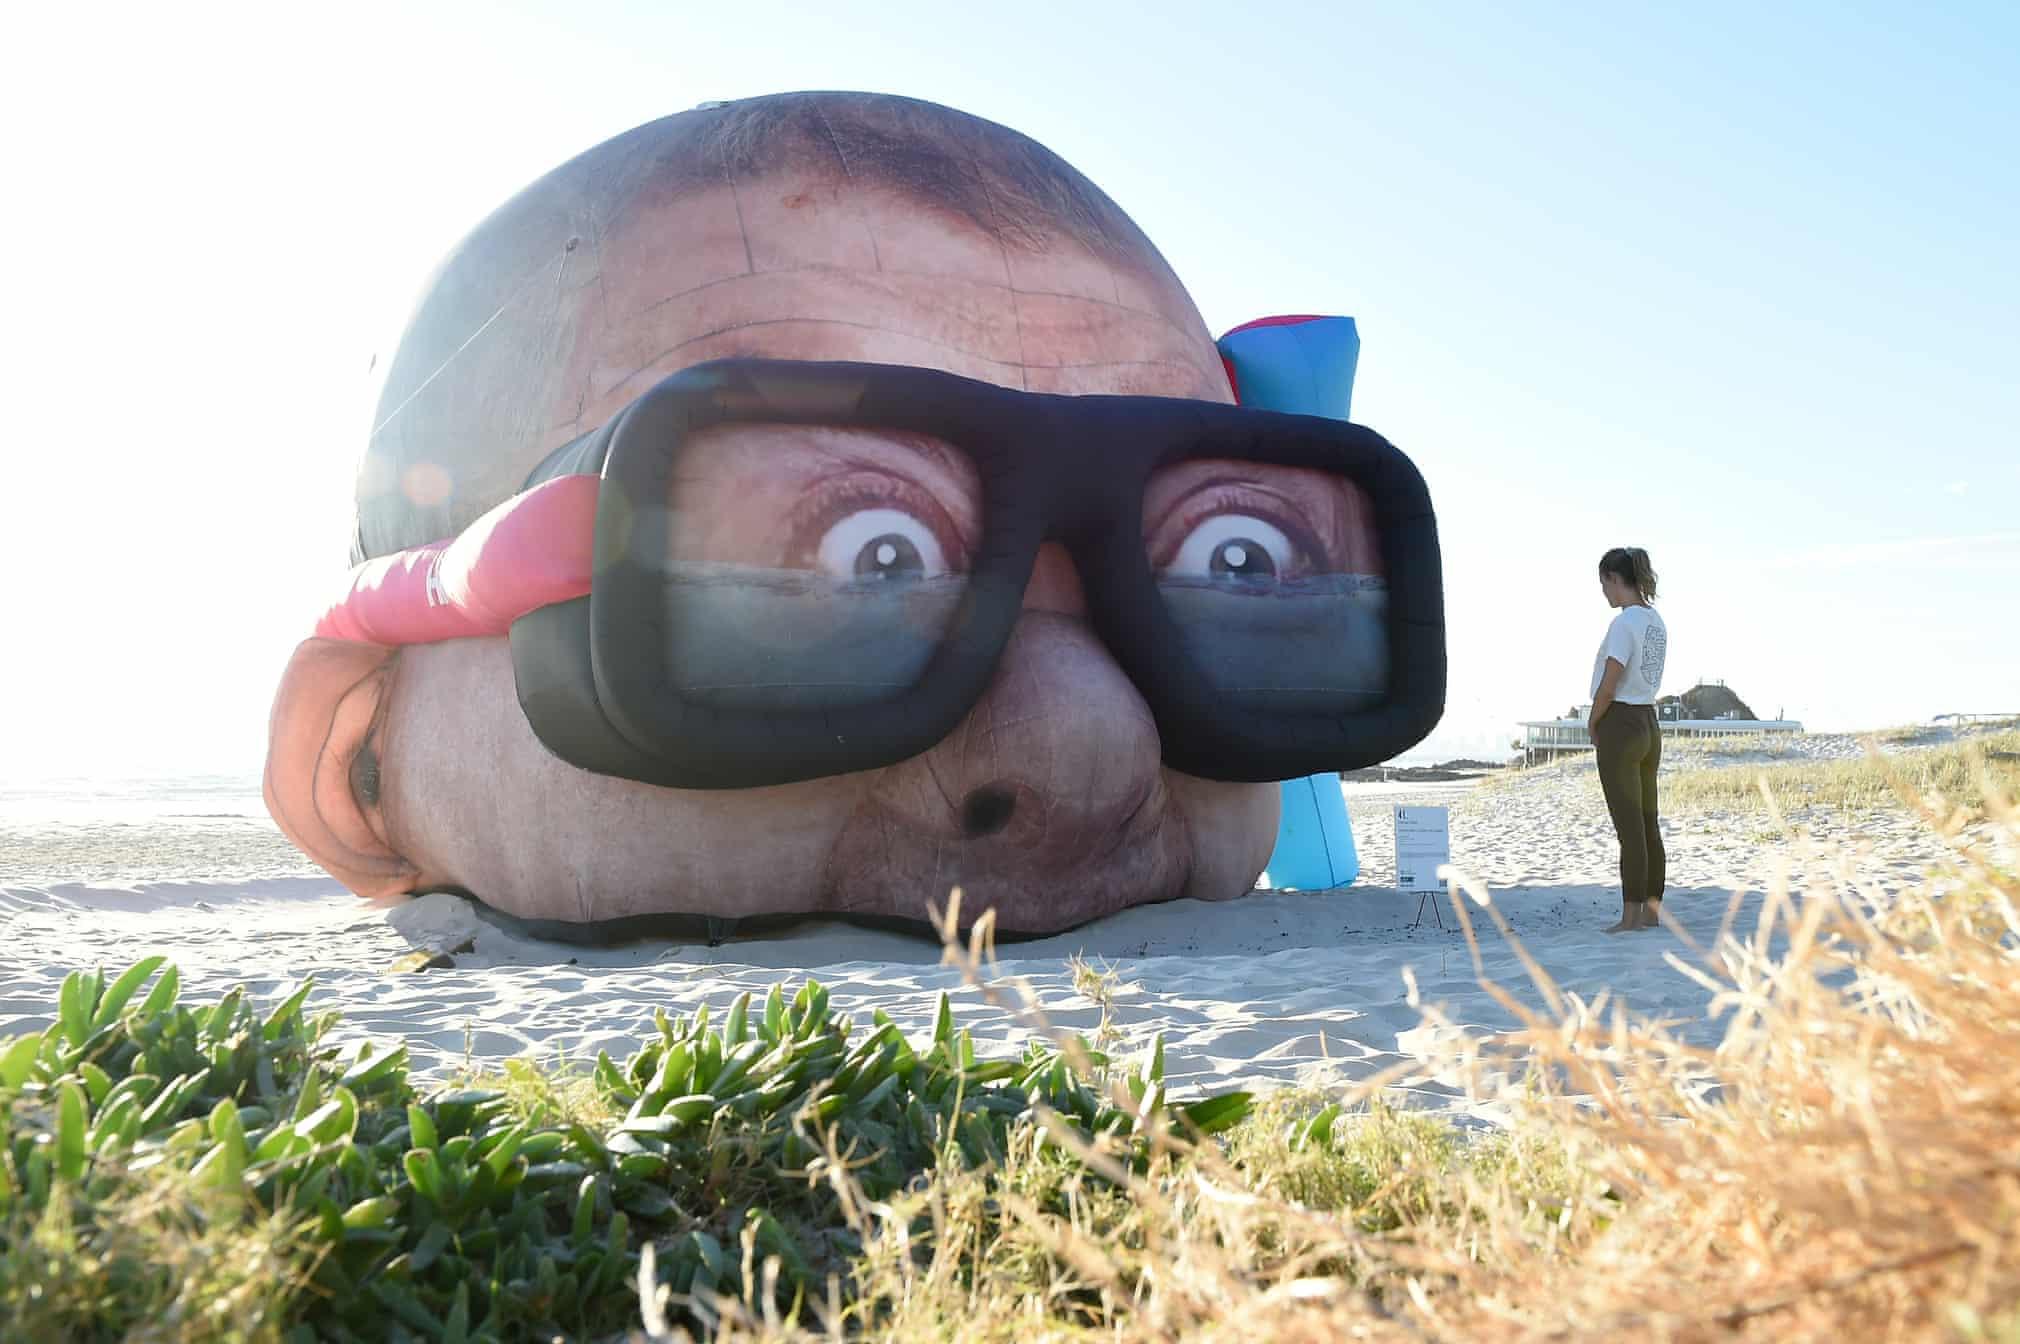 مجسمه ای بزرگ در ساحل